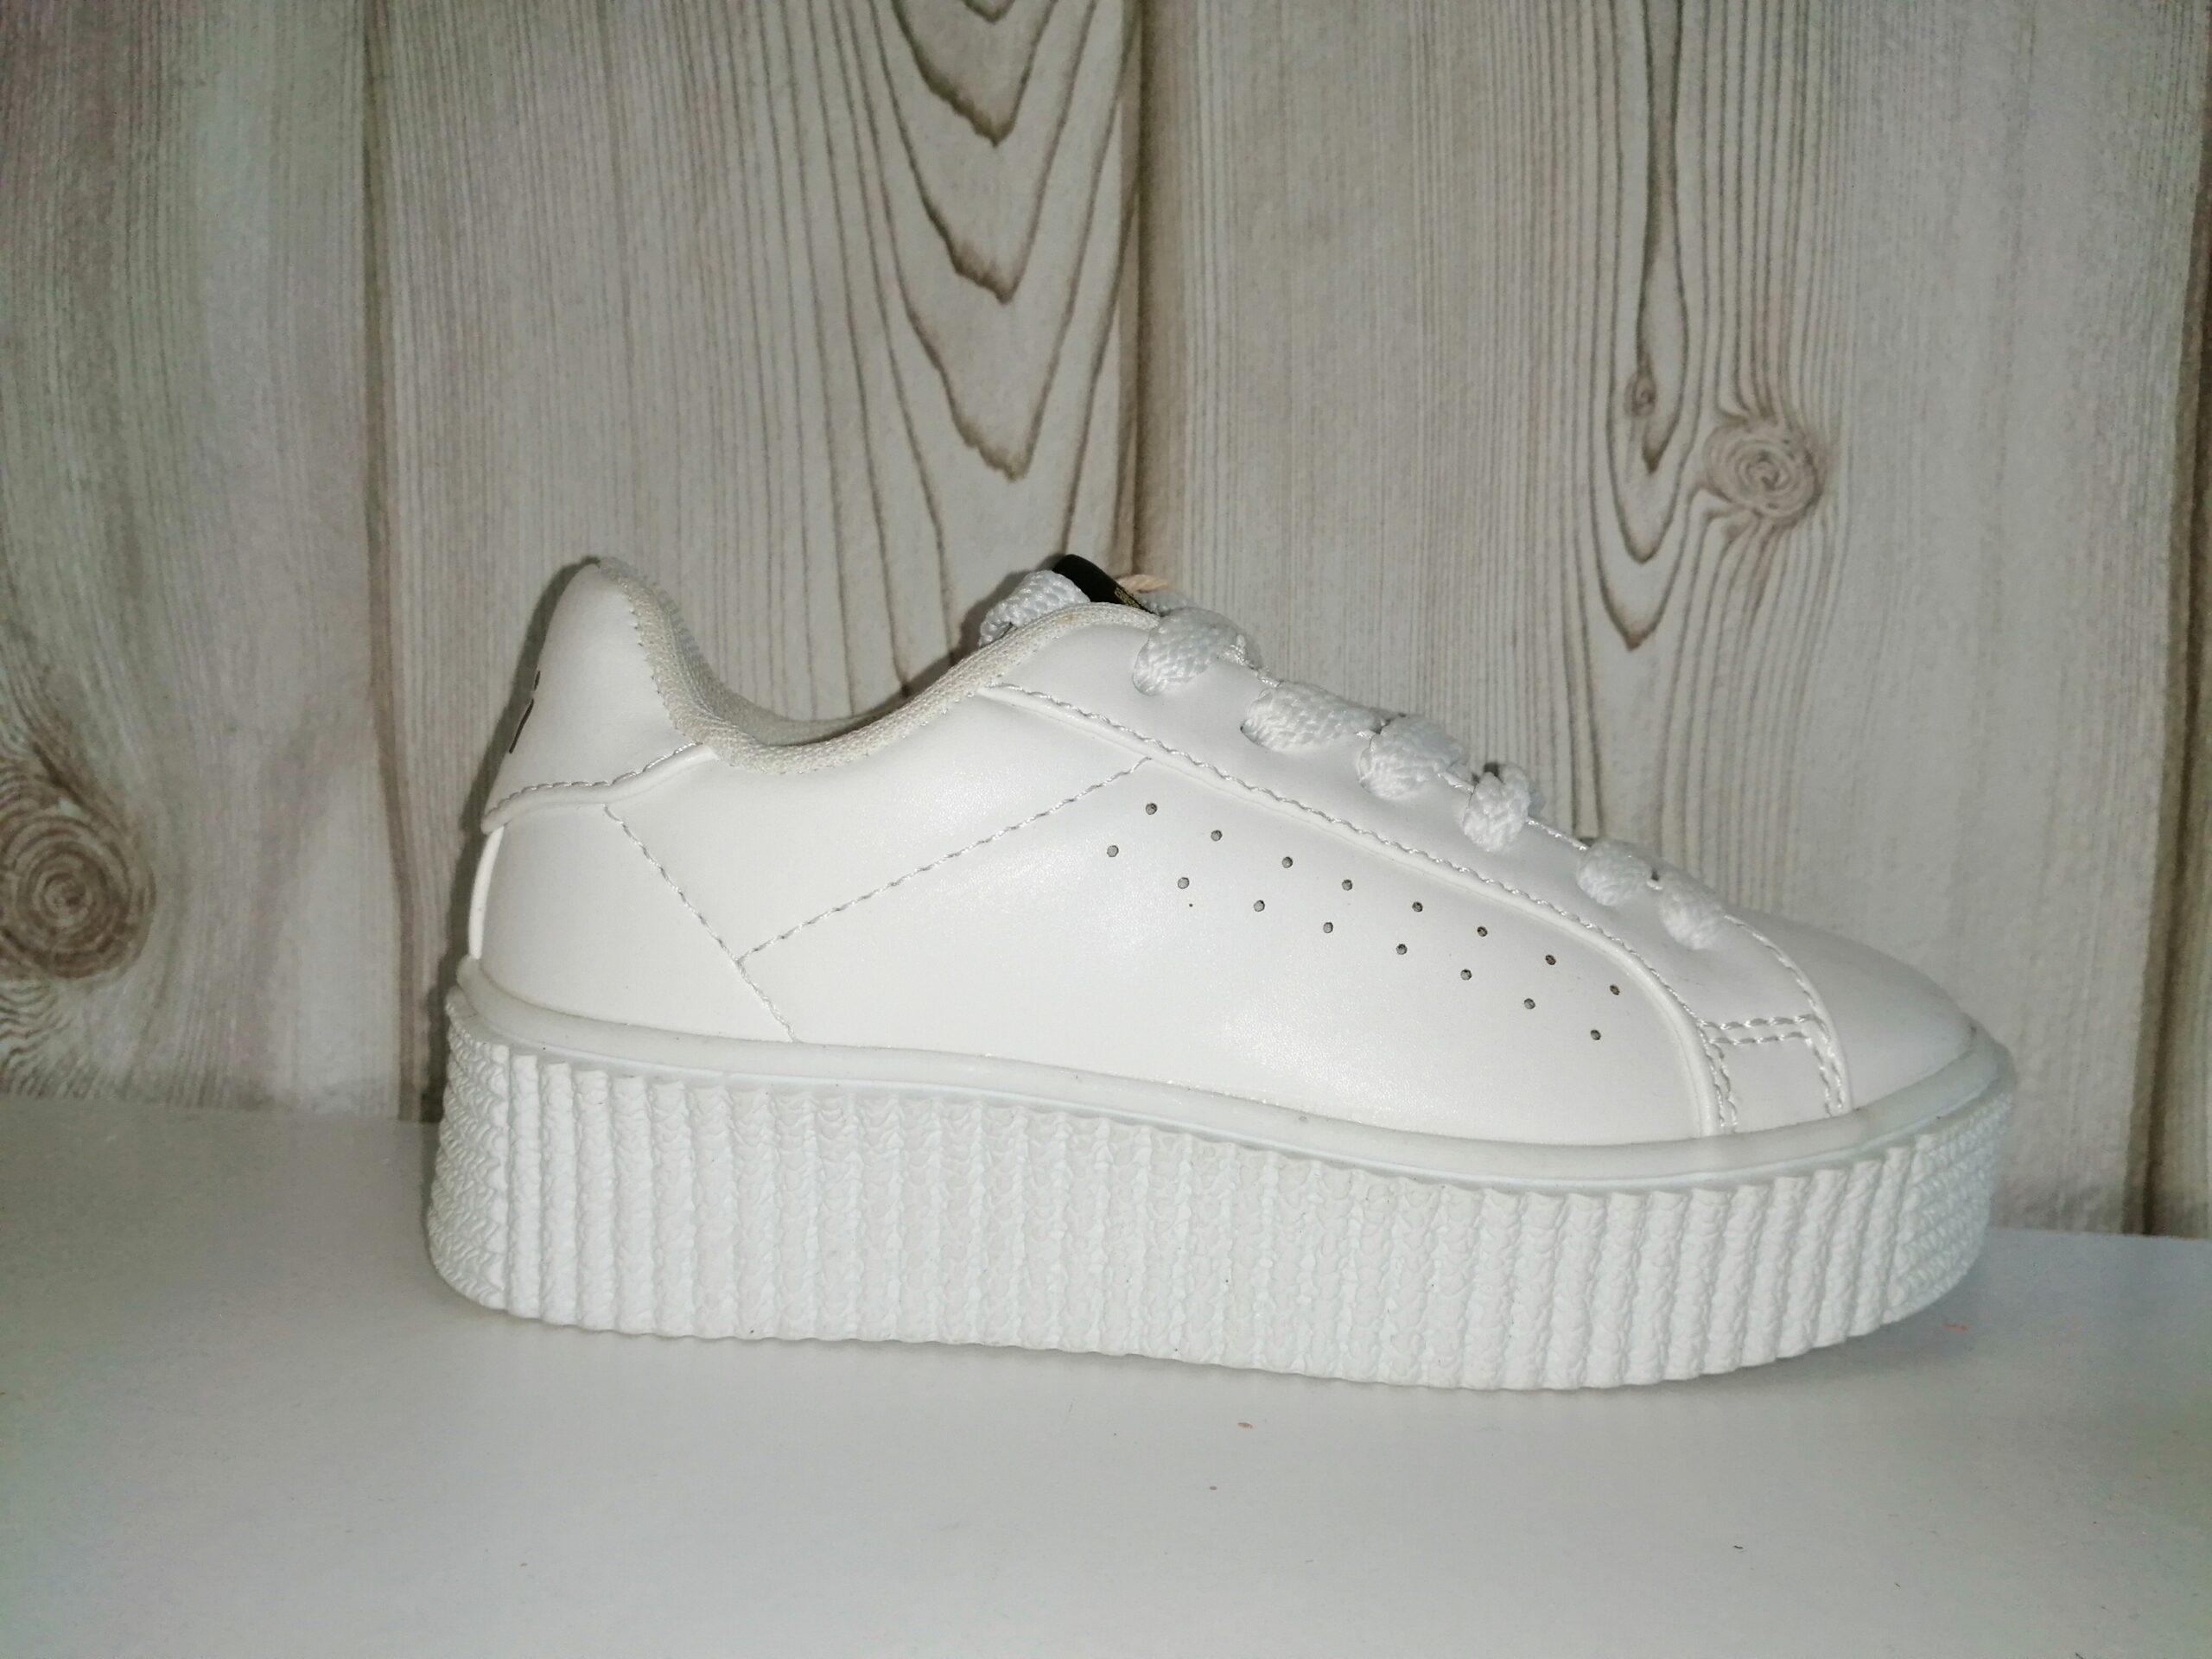 Plataforma deportivo blanco cordones niña XTI 55054